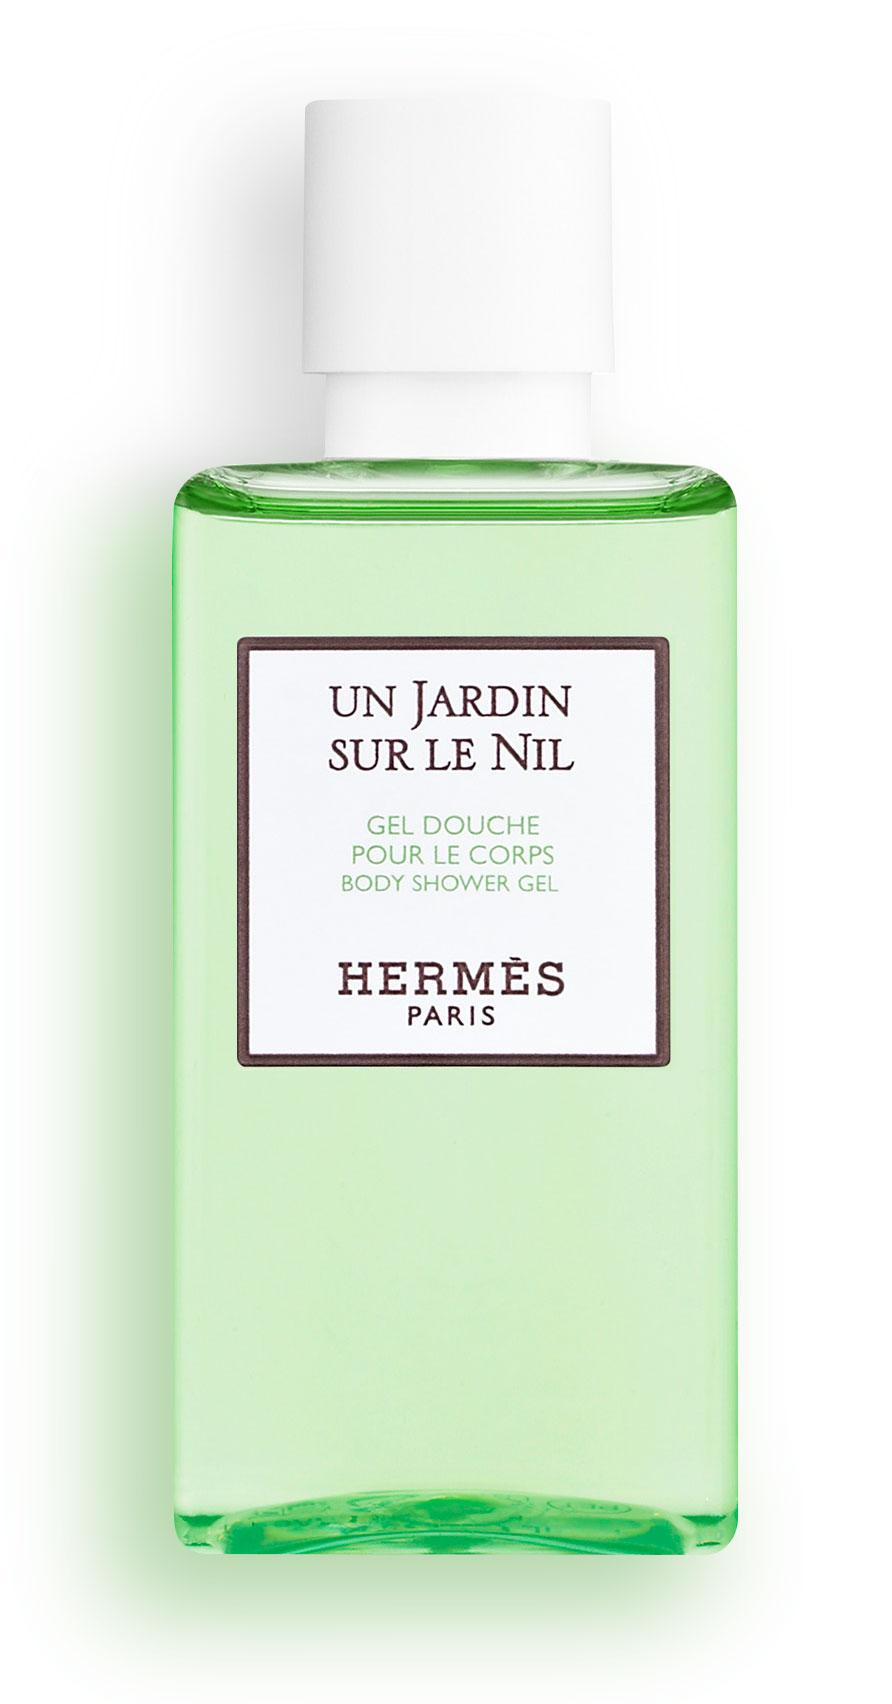 Hermès - Un Jardin sur le Nil - Gel douche parfumé pour le corps 40 ml.